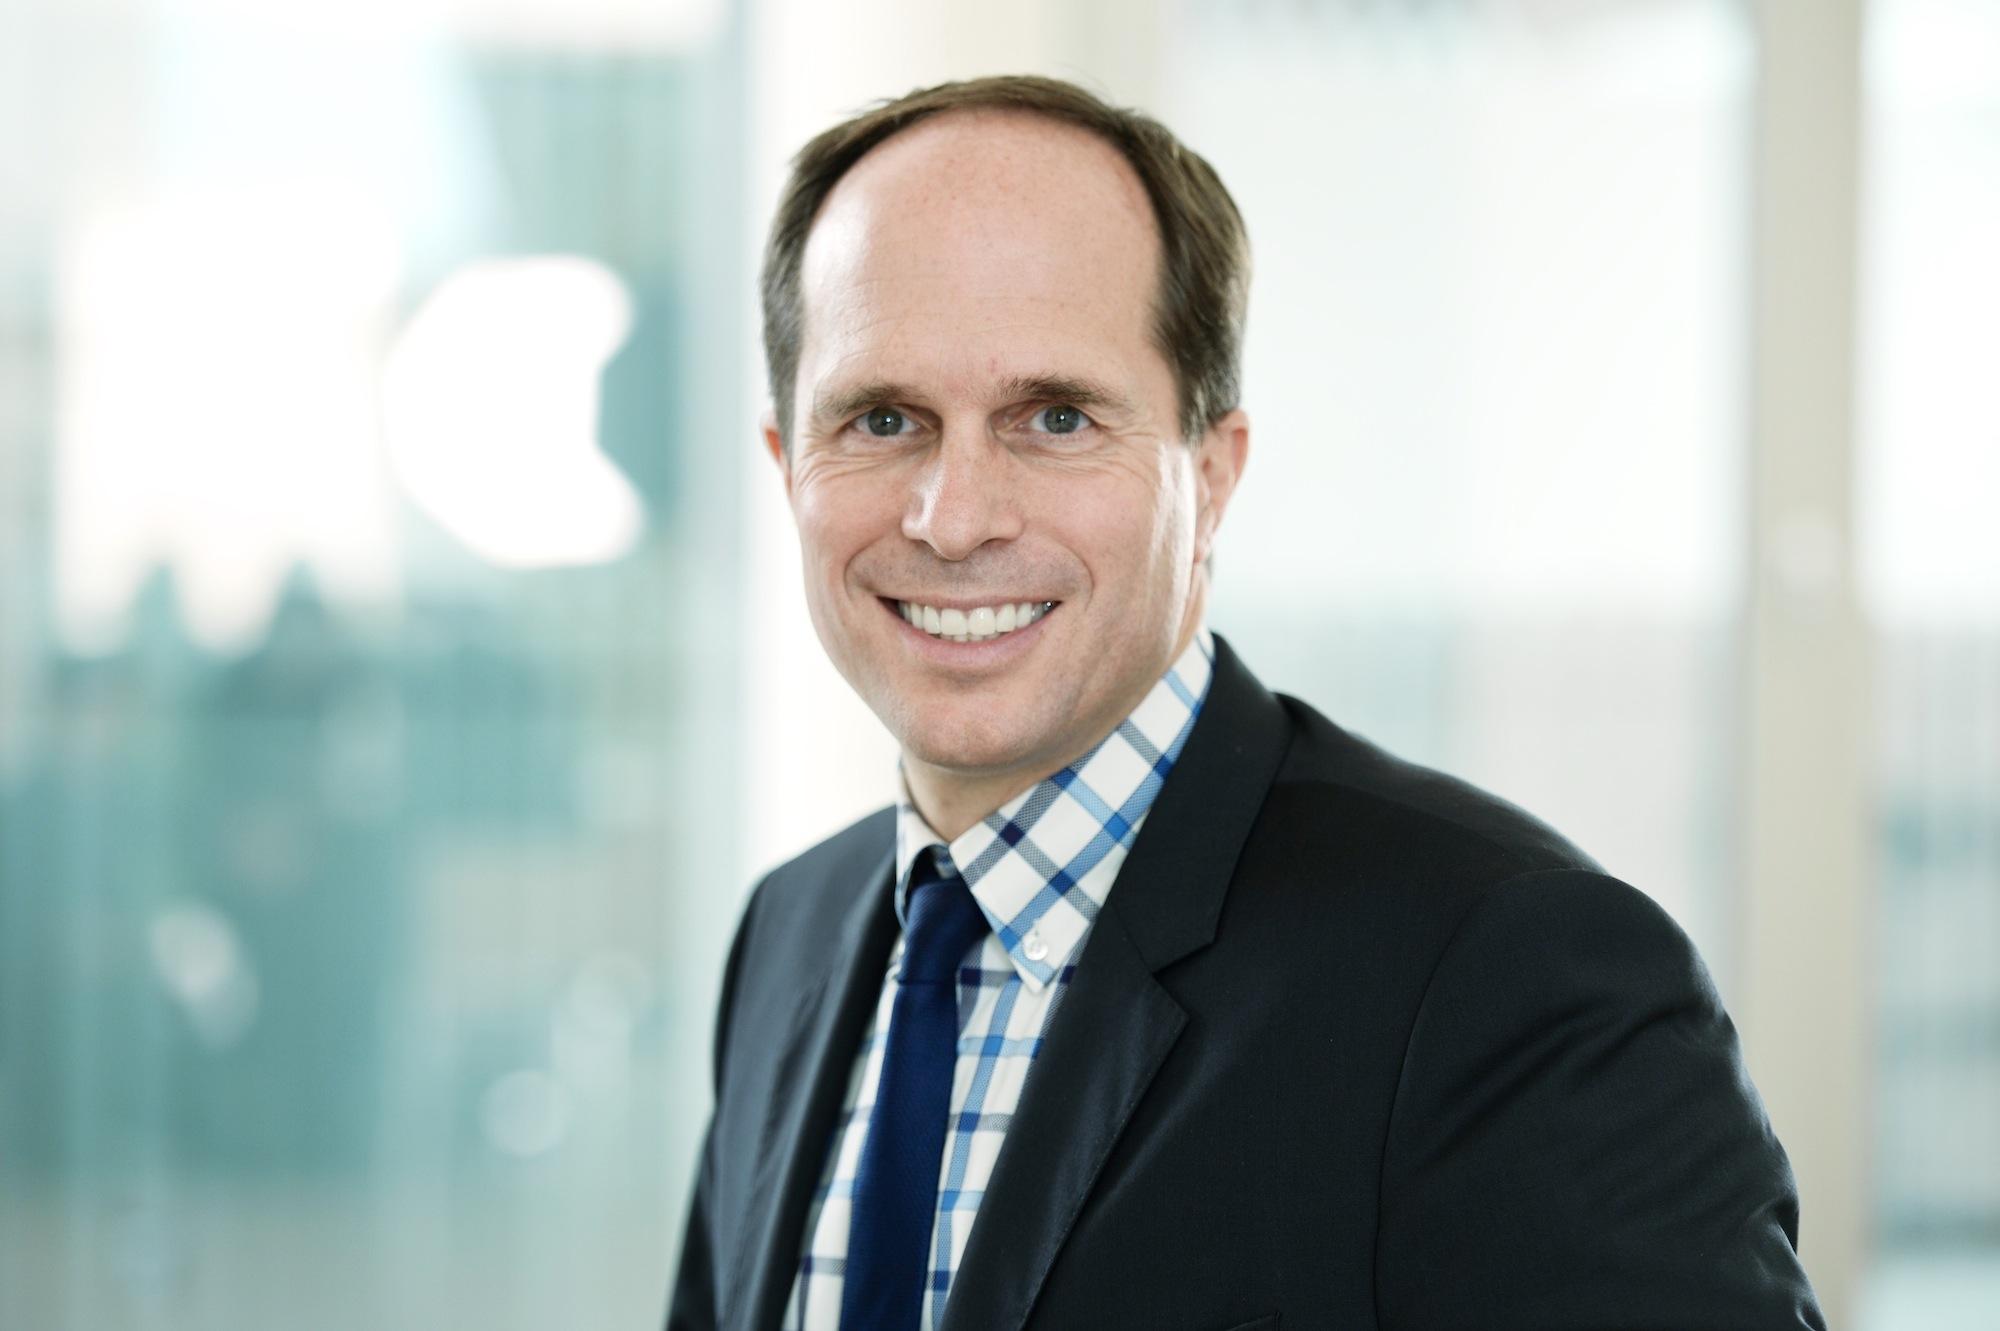 WAM Jochen-Wermuth in Finanzbranche wartet auf klare Regeln nach dem UN-Klimaabkommen